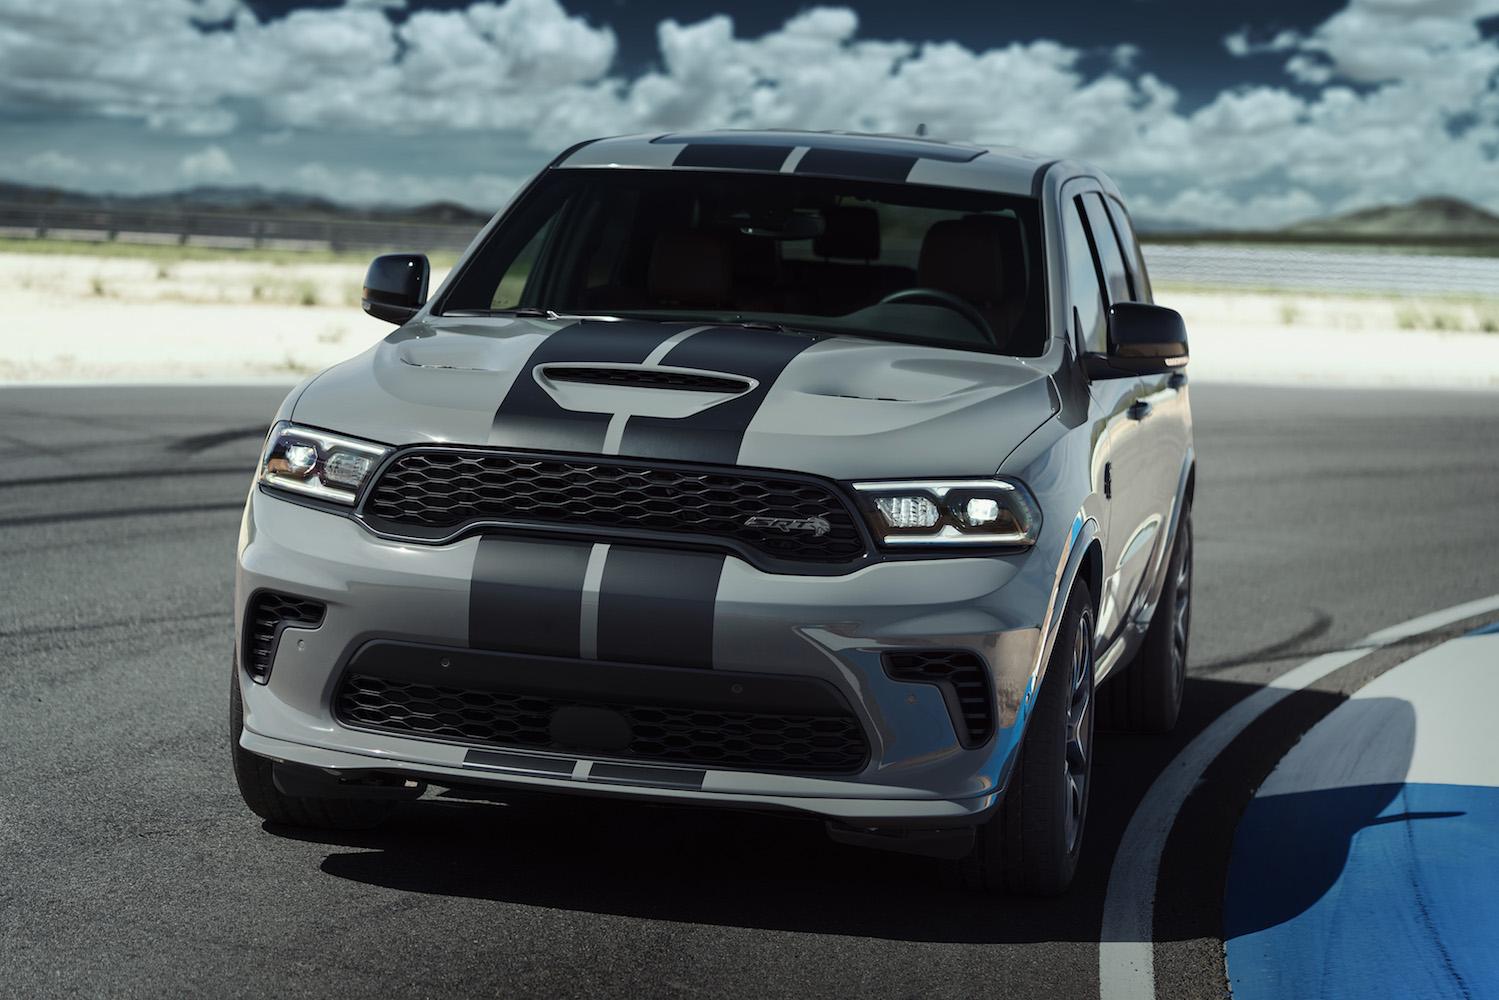 Le Dodge Durango aura son moteur Hellcat… mais pas pour longtemps